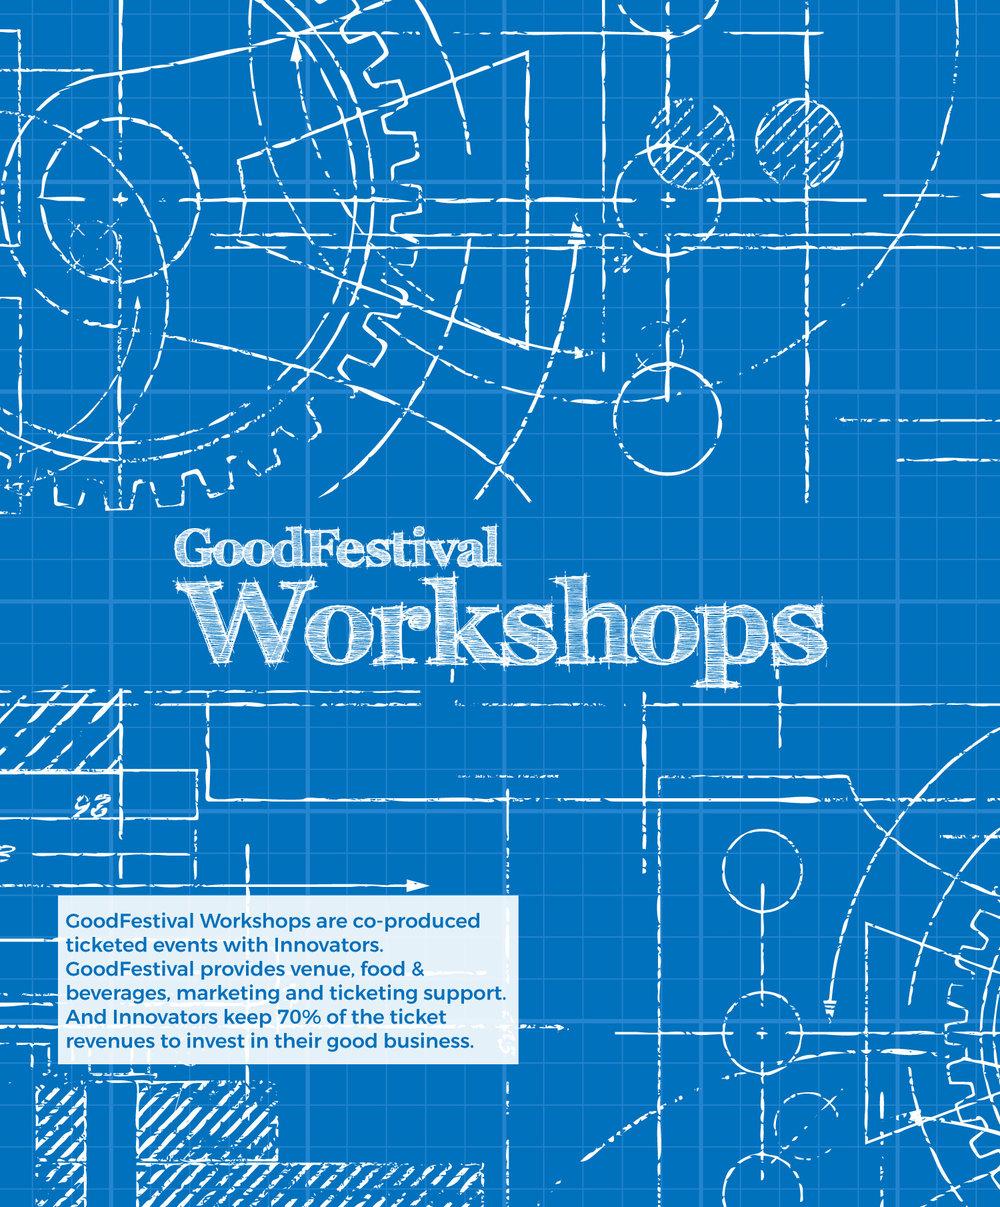 GoodFestival-Workshops-Front-V1-2_mini.jpg